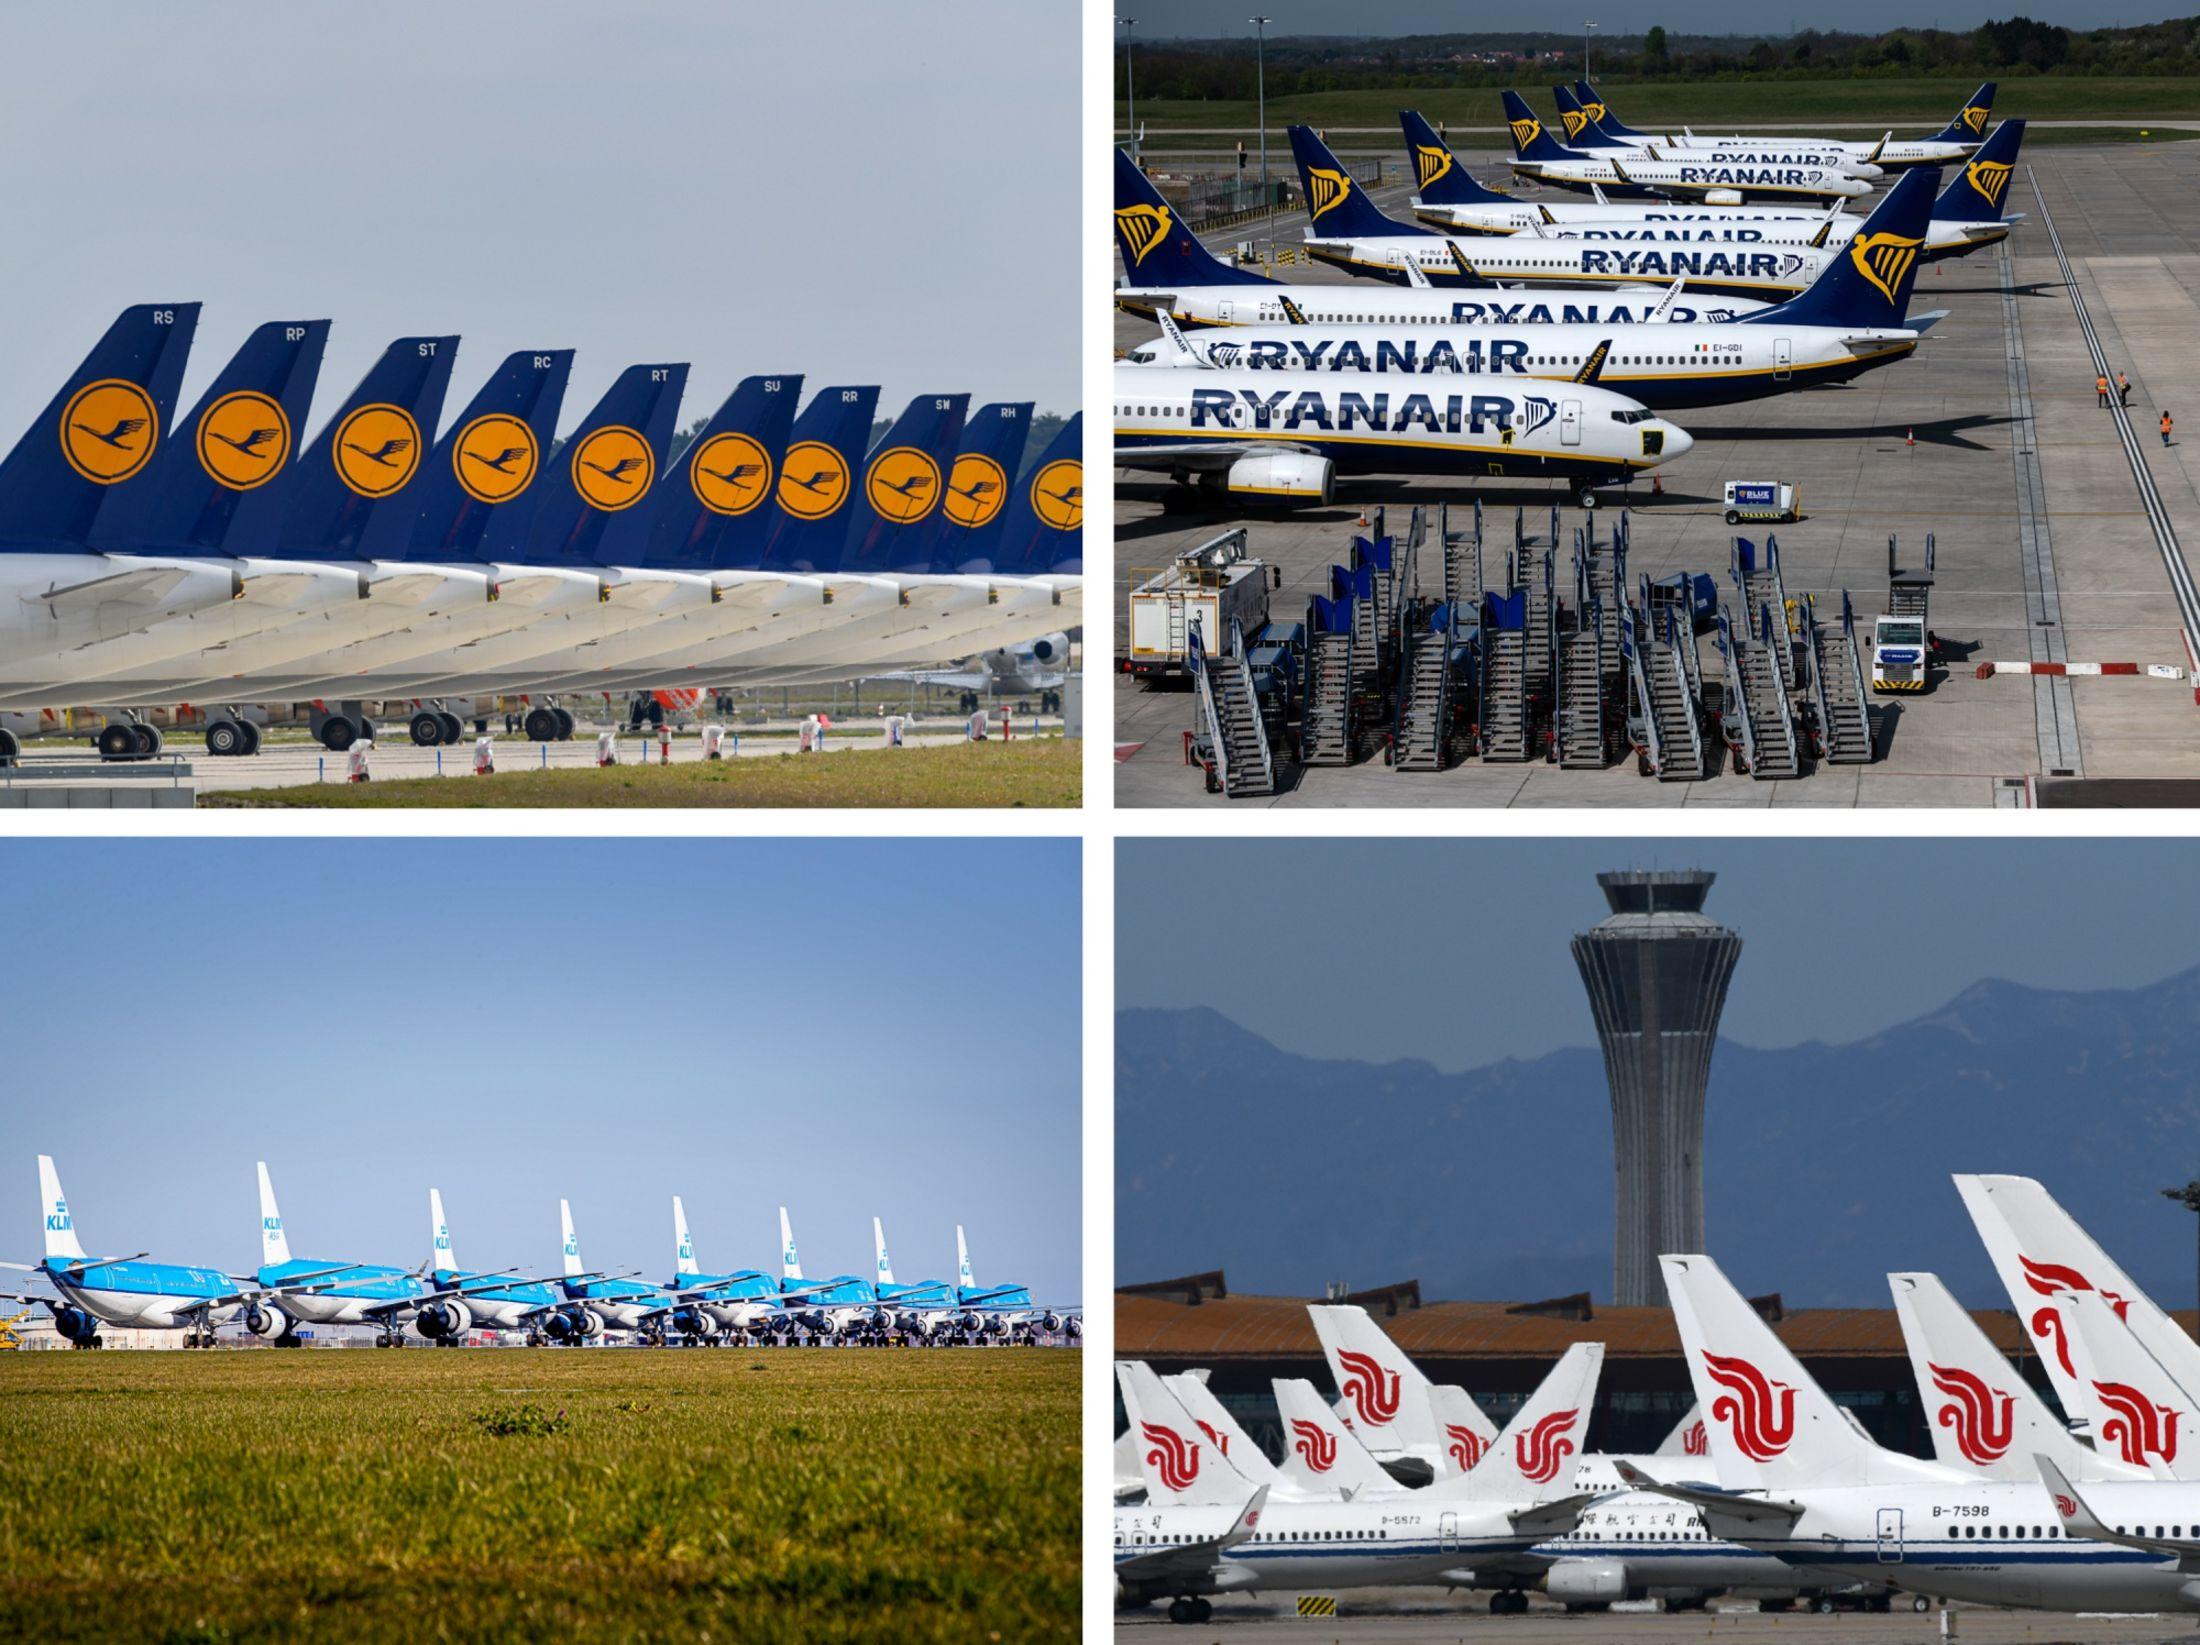 Các hãng hàng không đang bận rộn việc gì khi hơn 2/3 đội bay đang đắp chiếu? - Ảnh 2.